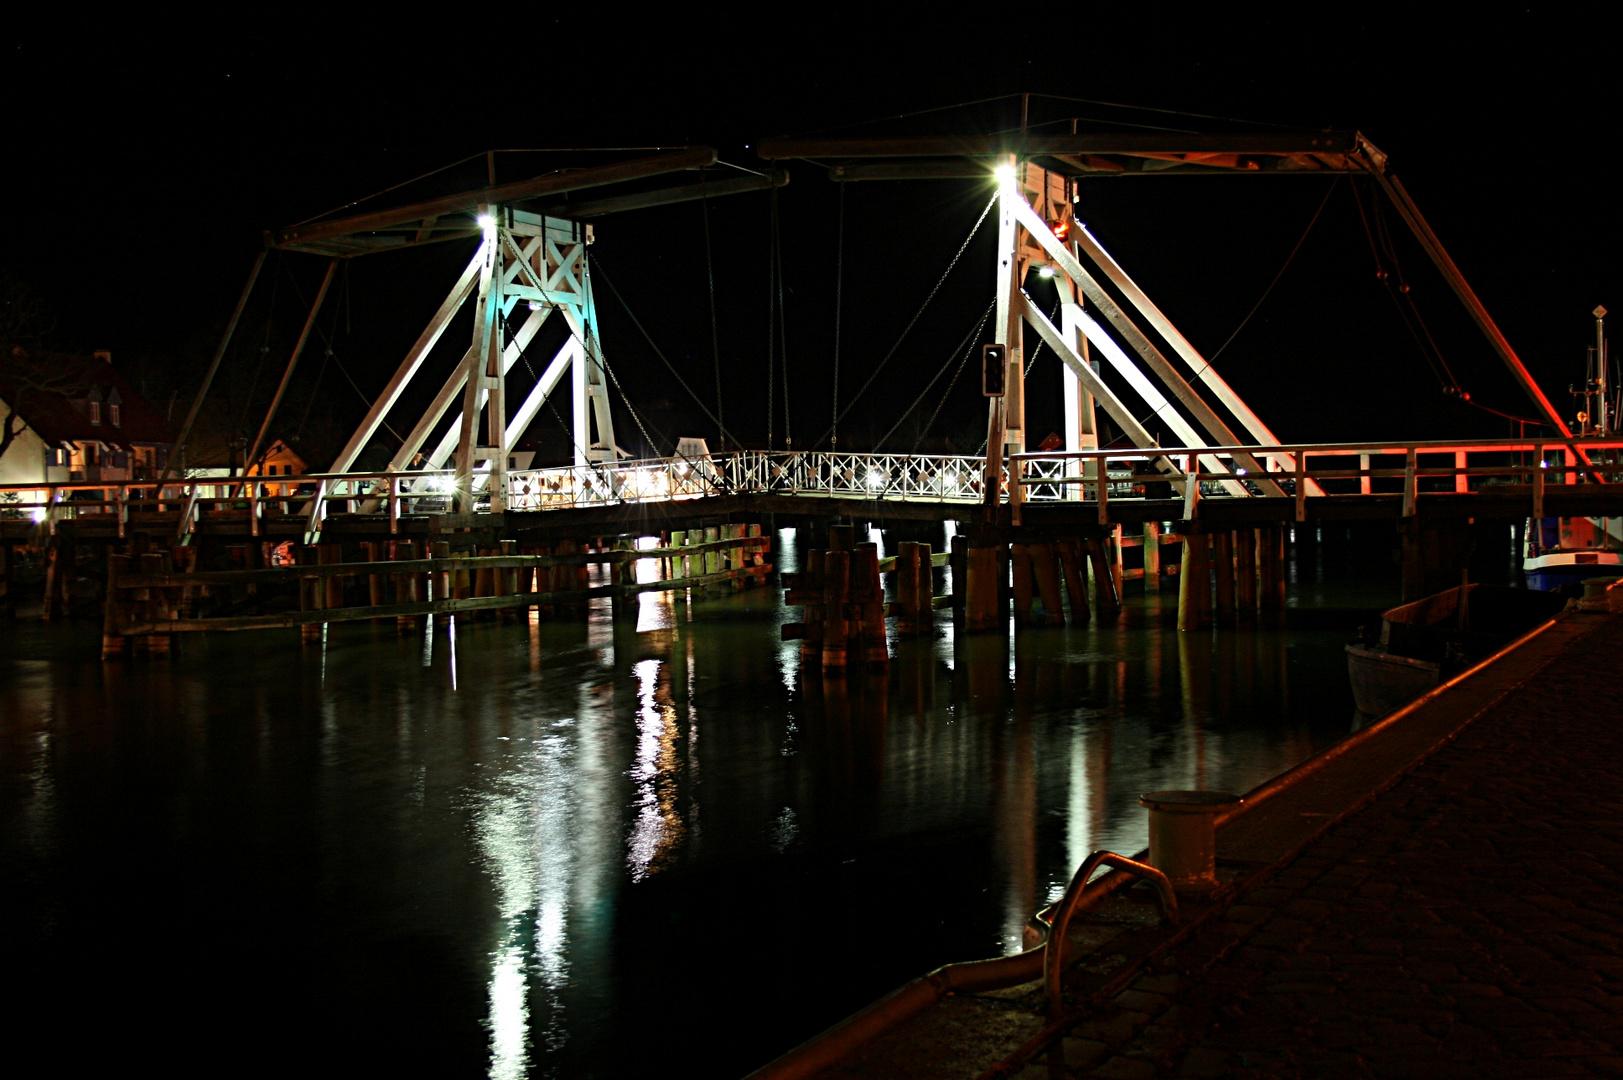 Wieck Brücke bei Nacht.